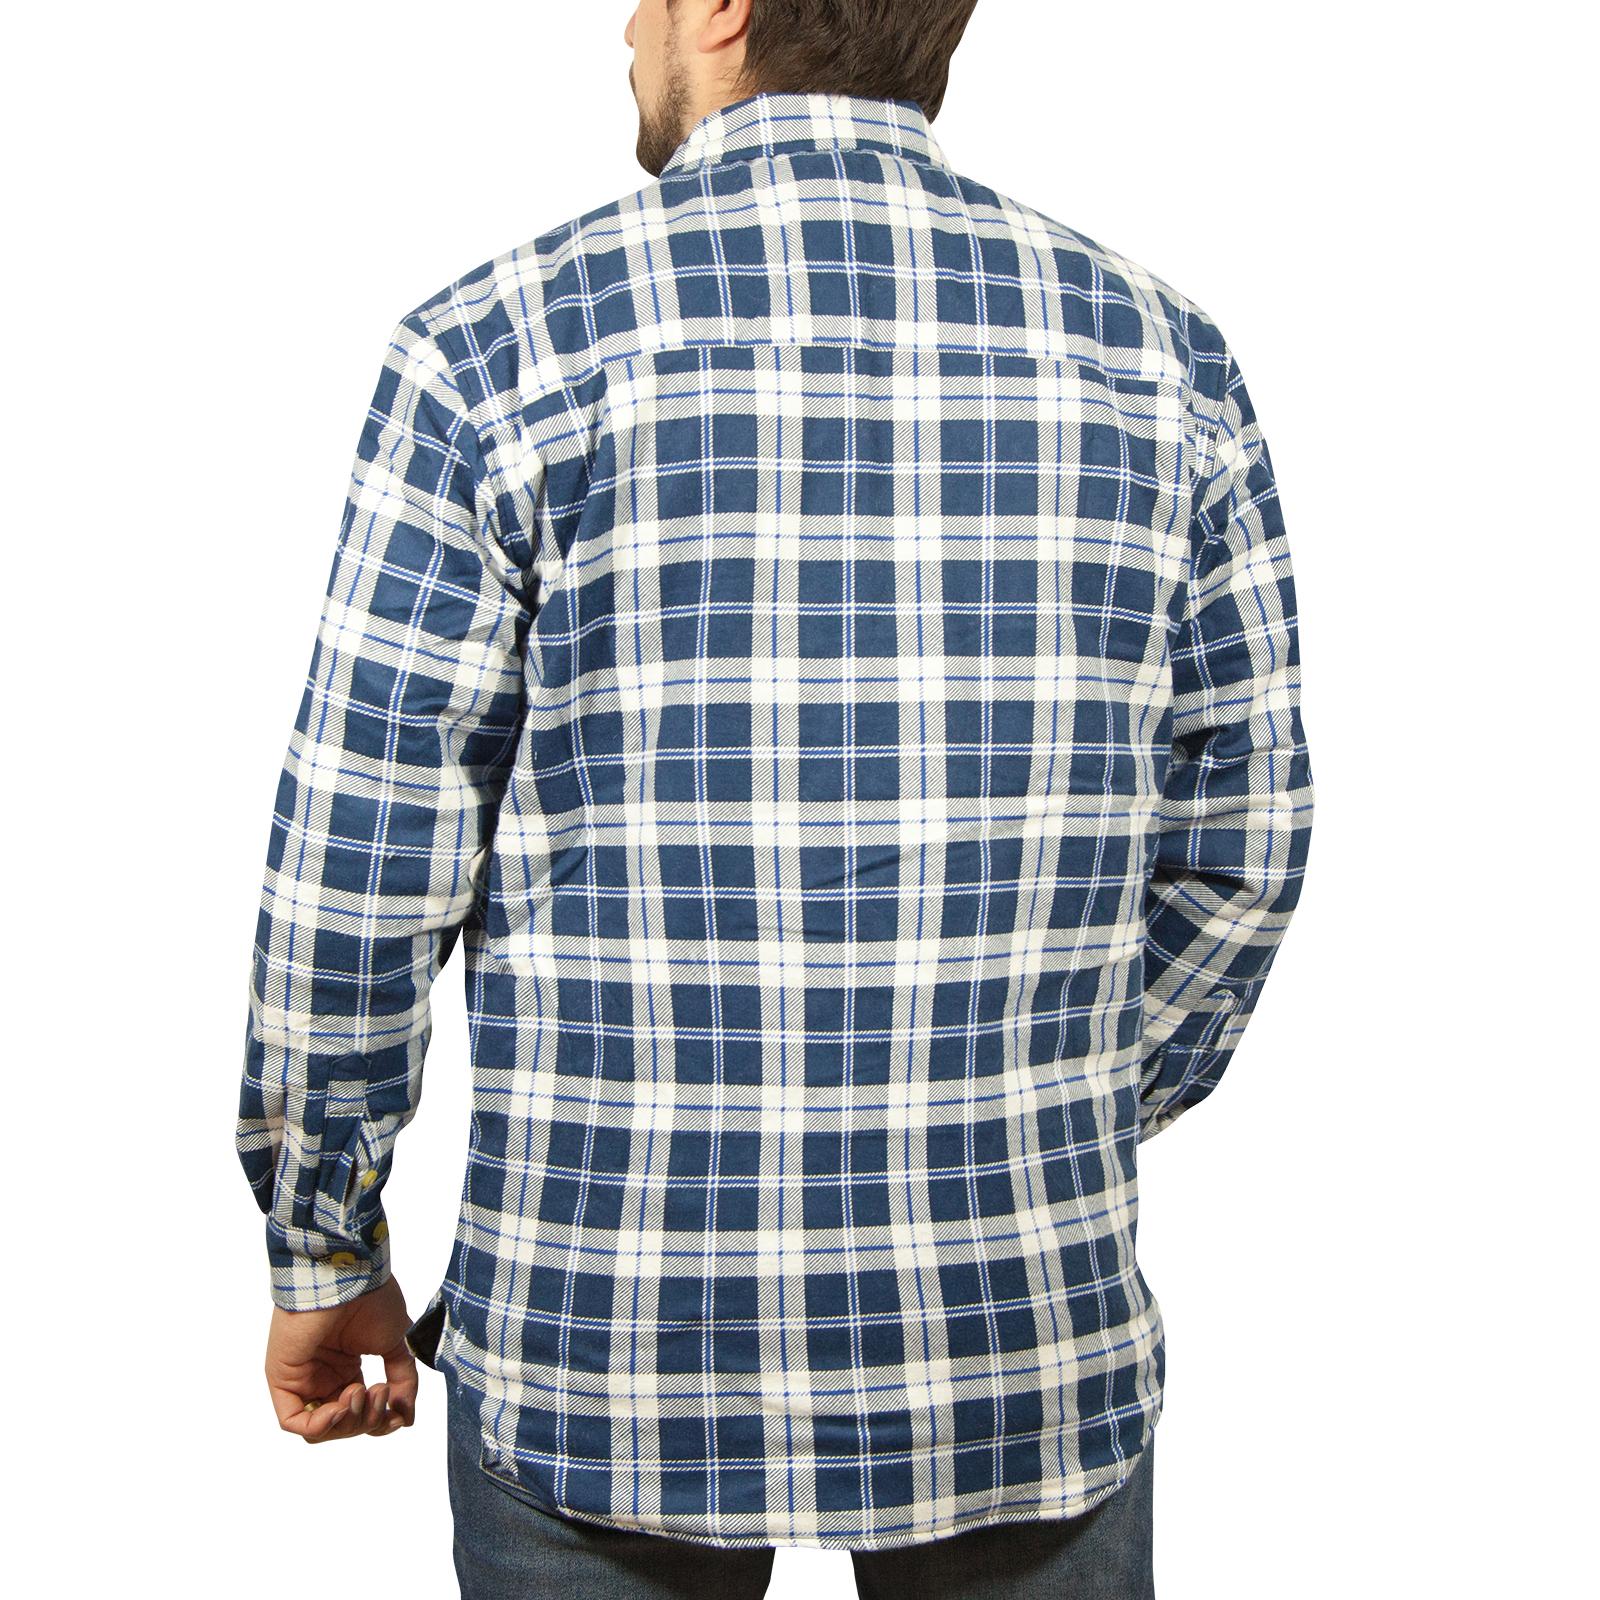 Chaqueta-Acolchada-flanelita-Camisa-Hombre-100-algodon-acolchado-caliente-de-invierno-franela miniatura 9